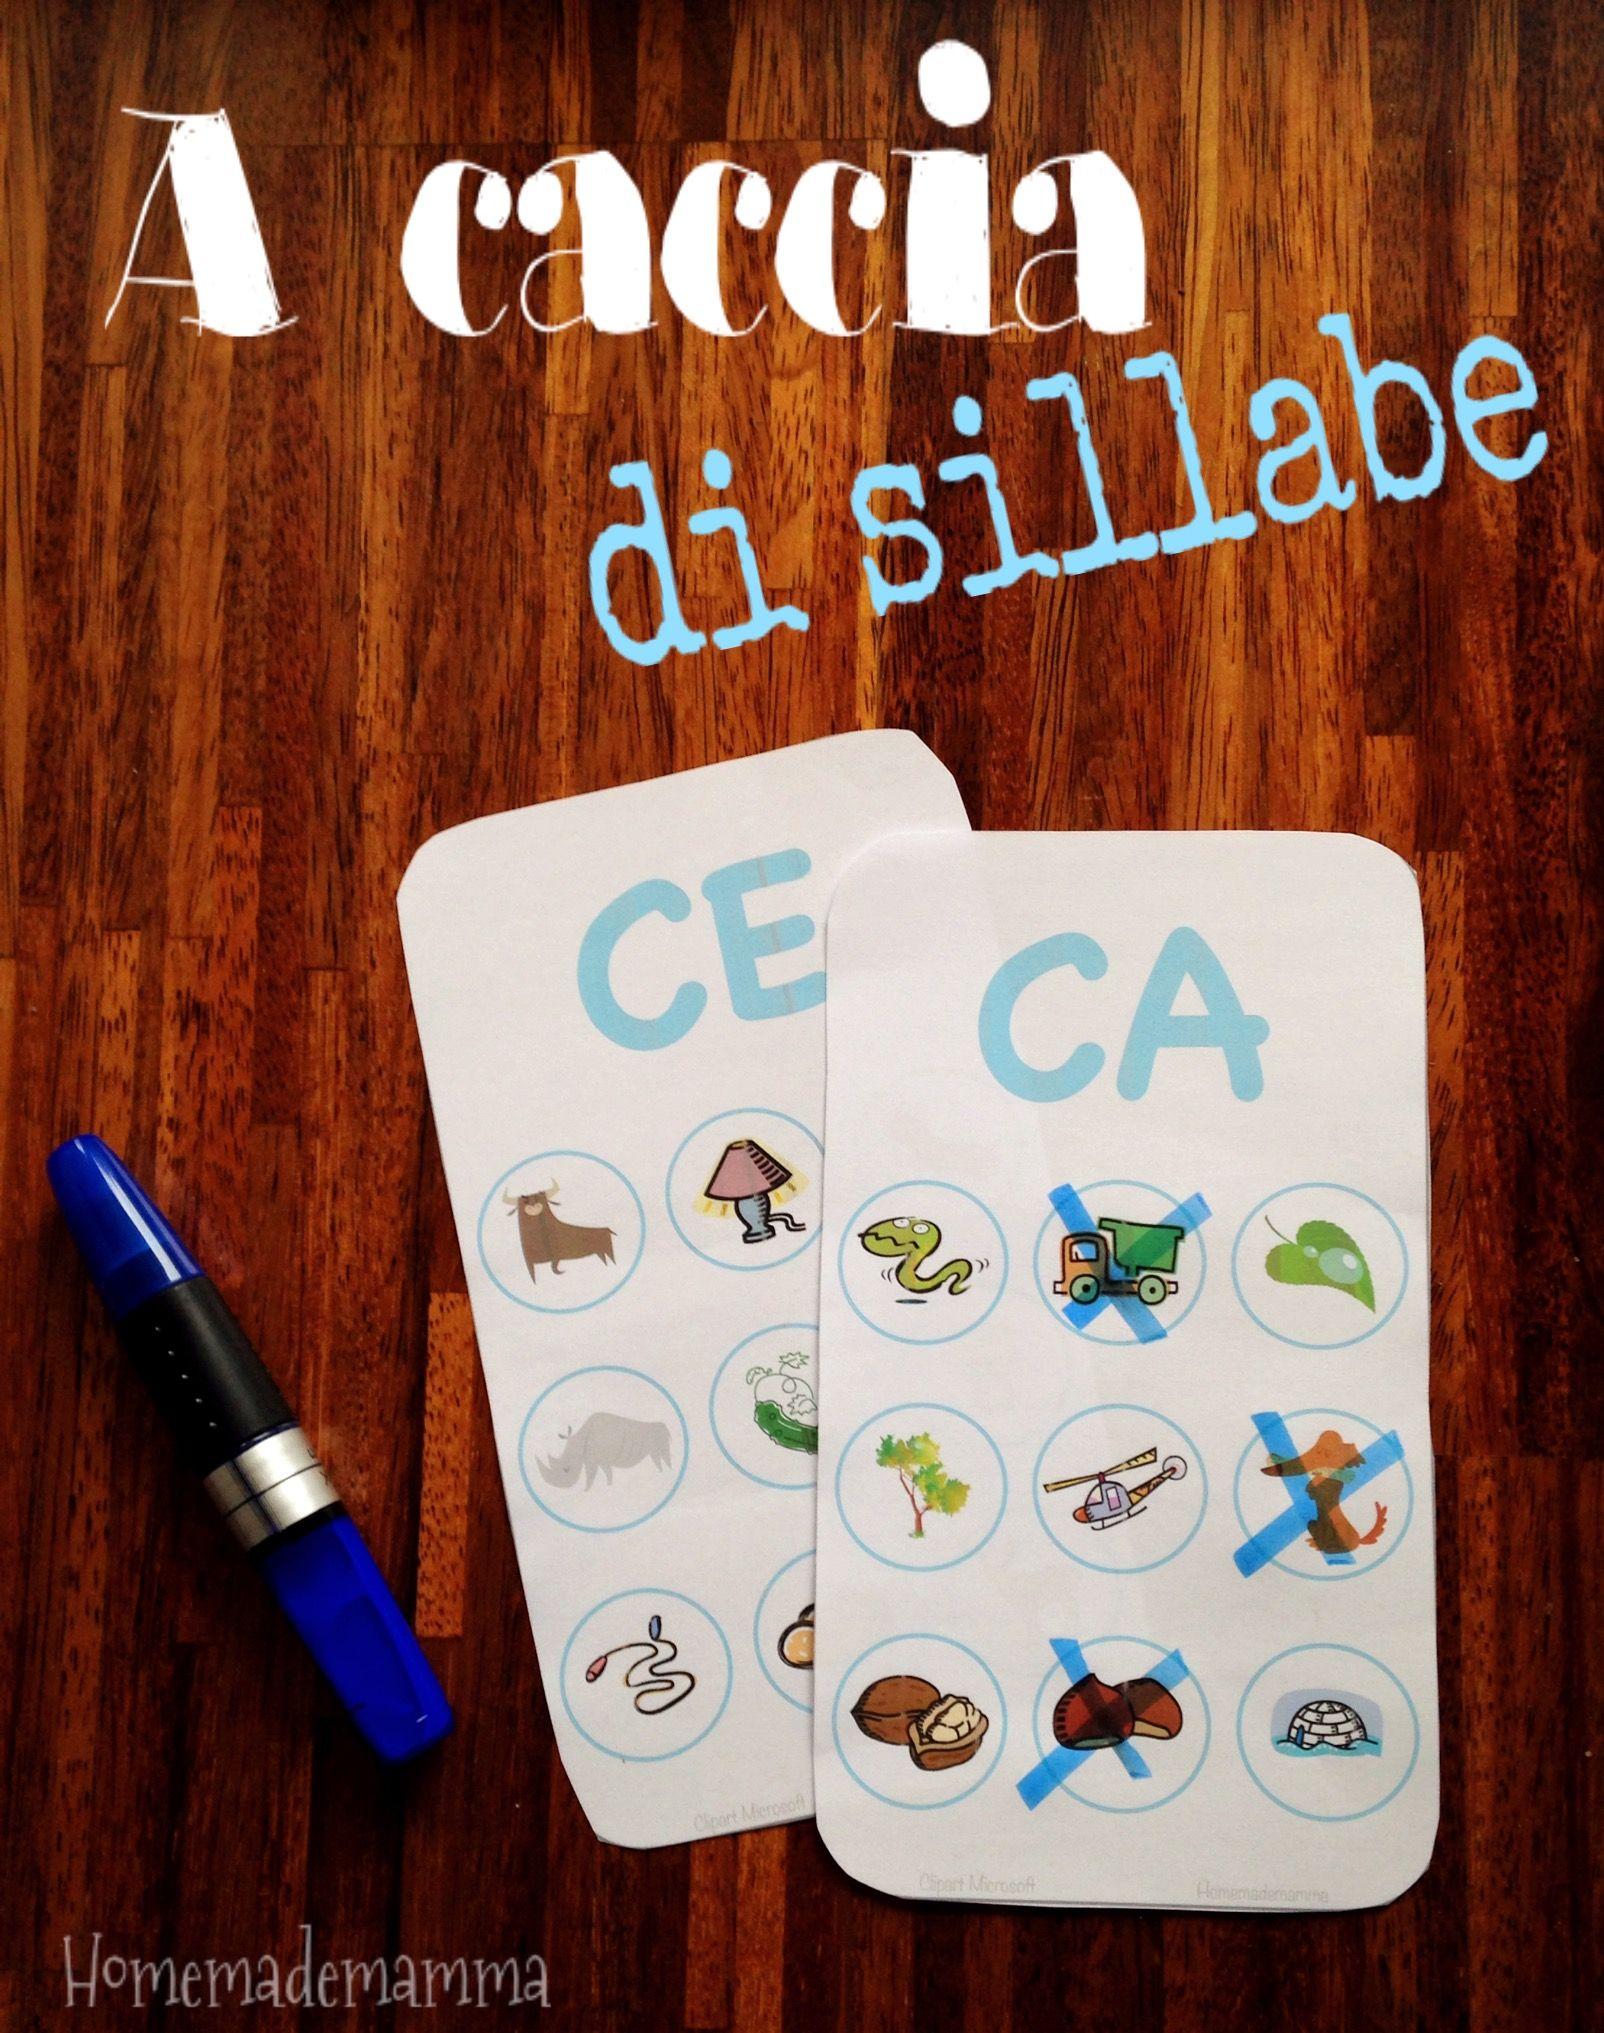 Alcune sillabe italiane come ge e gi per pf sono state un - Giochi di baci sul letto ...